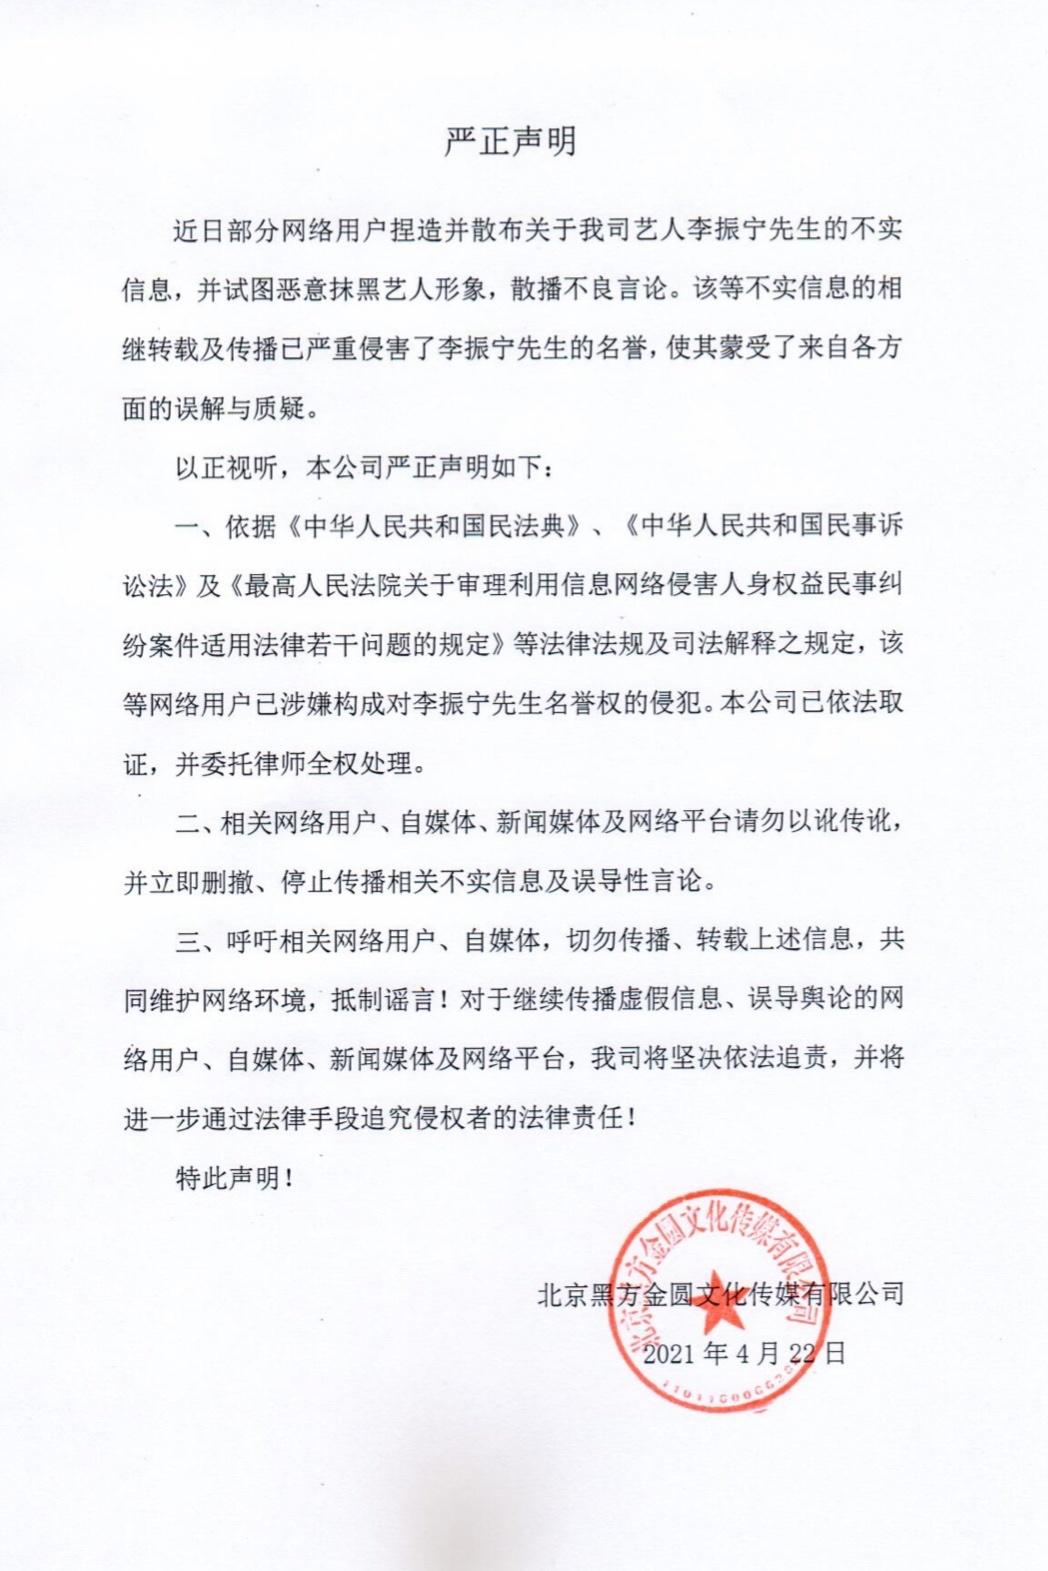 前UNINE成员李振宁工作室发声明,呼吁抵制谣言